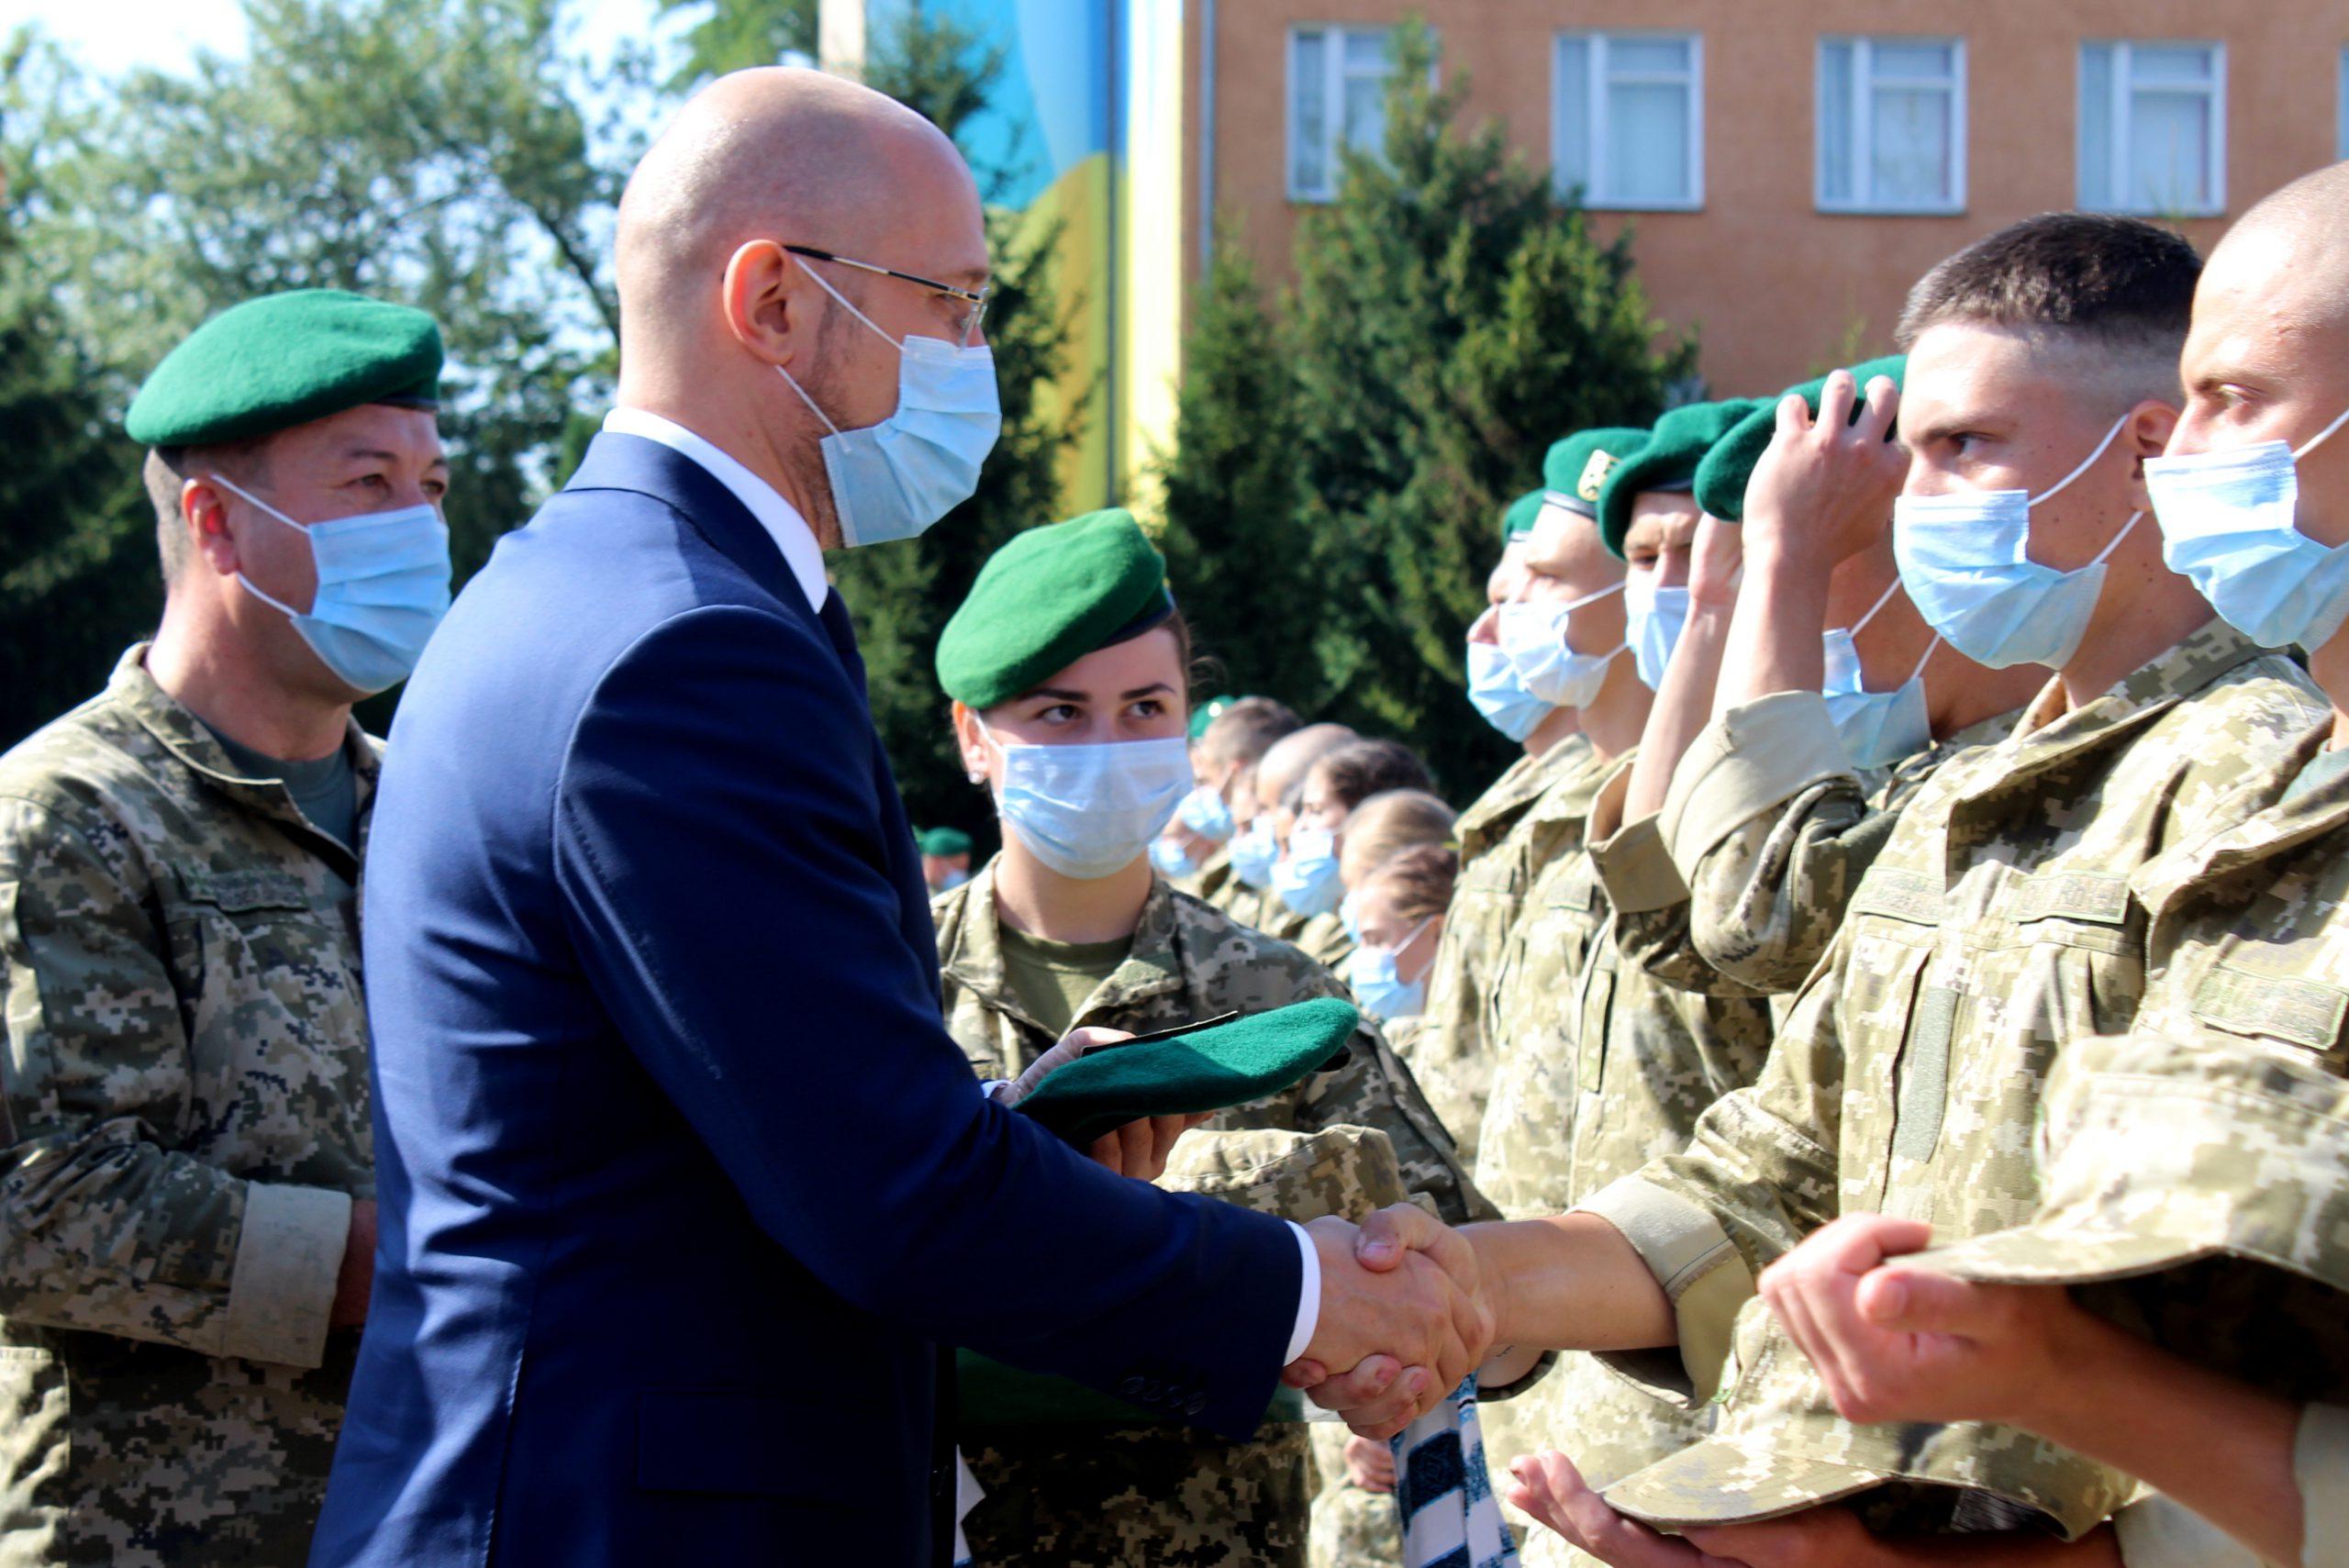 Прем'єр-міністр України Денис Шмигаль перебував з робочою поїздкою на Хмельниччині